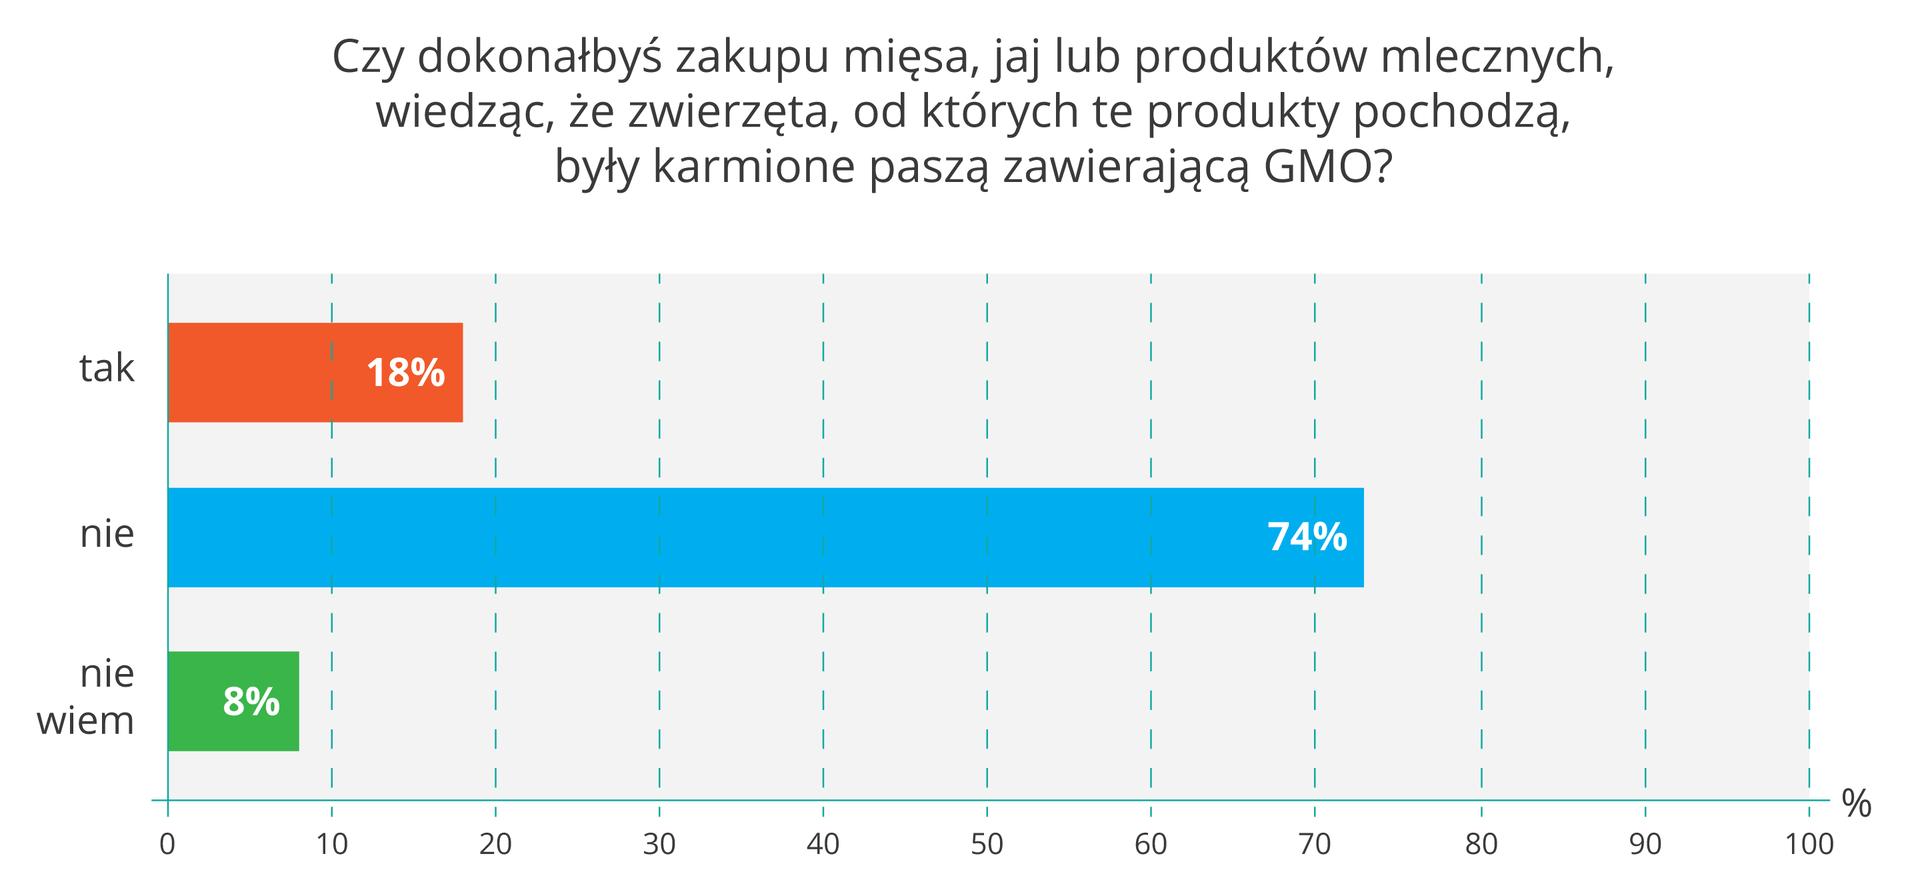 Ilustracja przestawia diagram słupkowy wyników ankiety wsprawie kupowania produktów żywnościowych pochodzenia zwierzęcego, wyprodukowanych zudziałem pasz zroślin GMO. Niebieski słupek wskazuje, ze większość respondentów nie kupiła by takich produktów. Pytanie: czy dokonałbyś zakupu mięsa, jaj lub produktów mlecznych wiedząc, że zwierzęta, od których te produkty pochodzą były karmione paszą, zawierająca GMO?